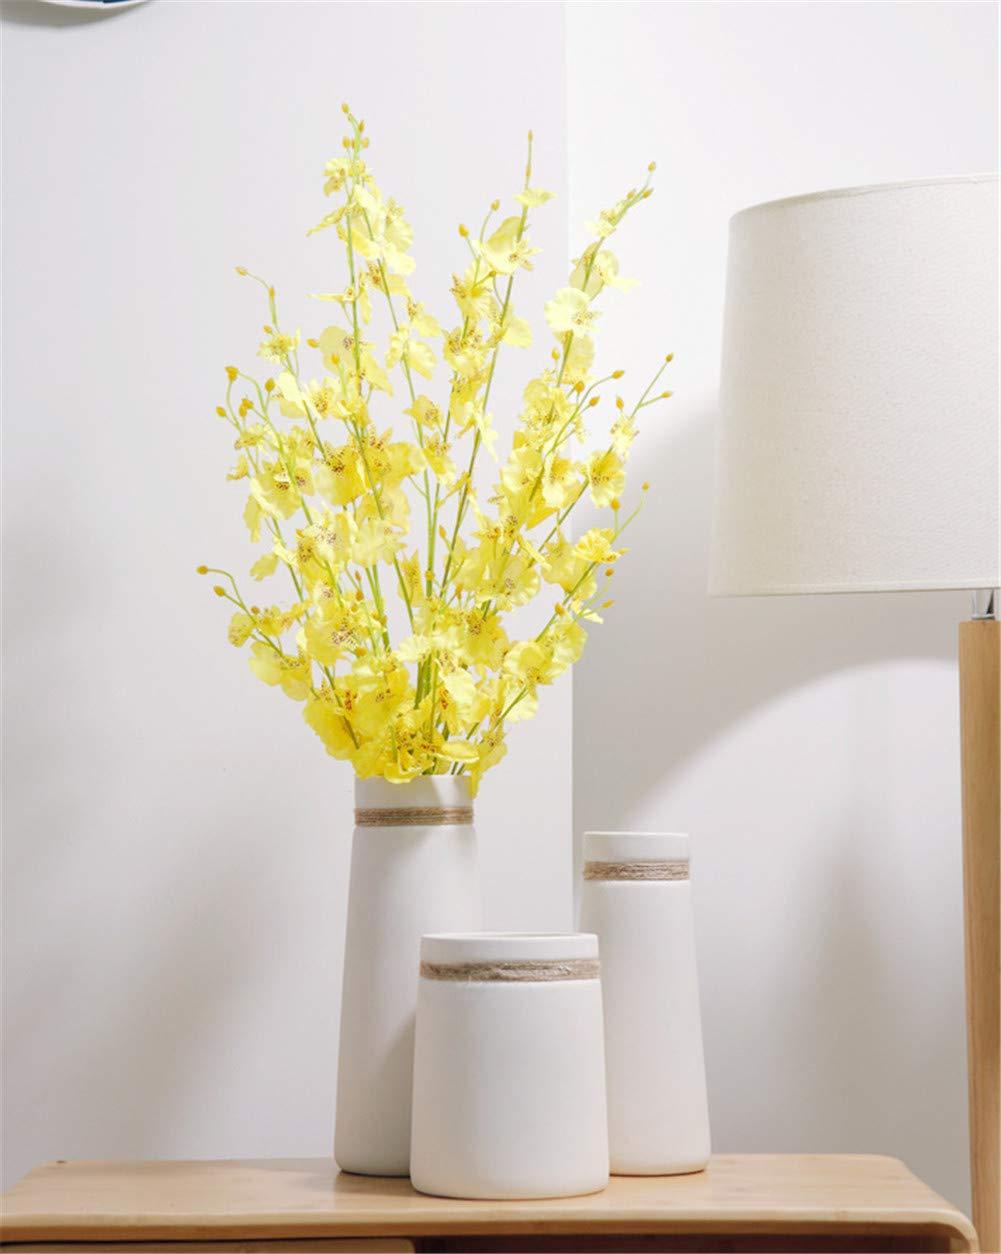 現代のシンプルなヨーロッパのセラミック花瓶の装飾品ホームデコレーションアクセサリー花瓶の結婚式の装飾、3本 B07QKH4B9Q B